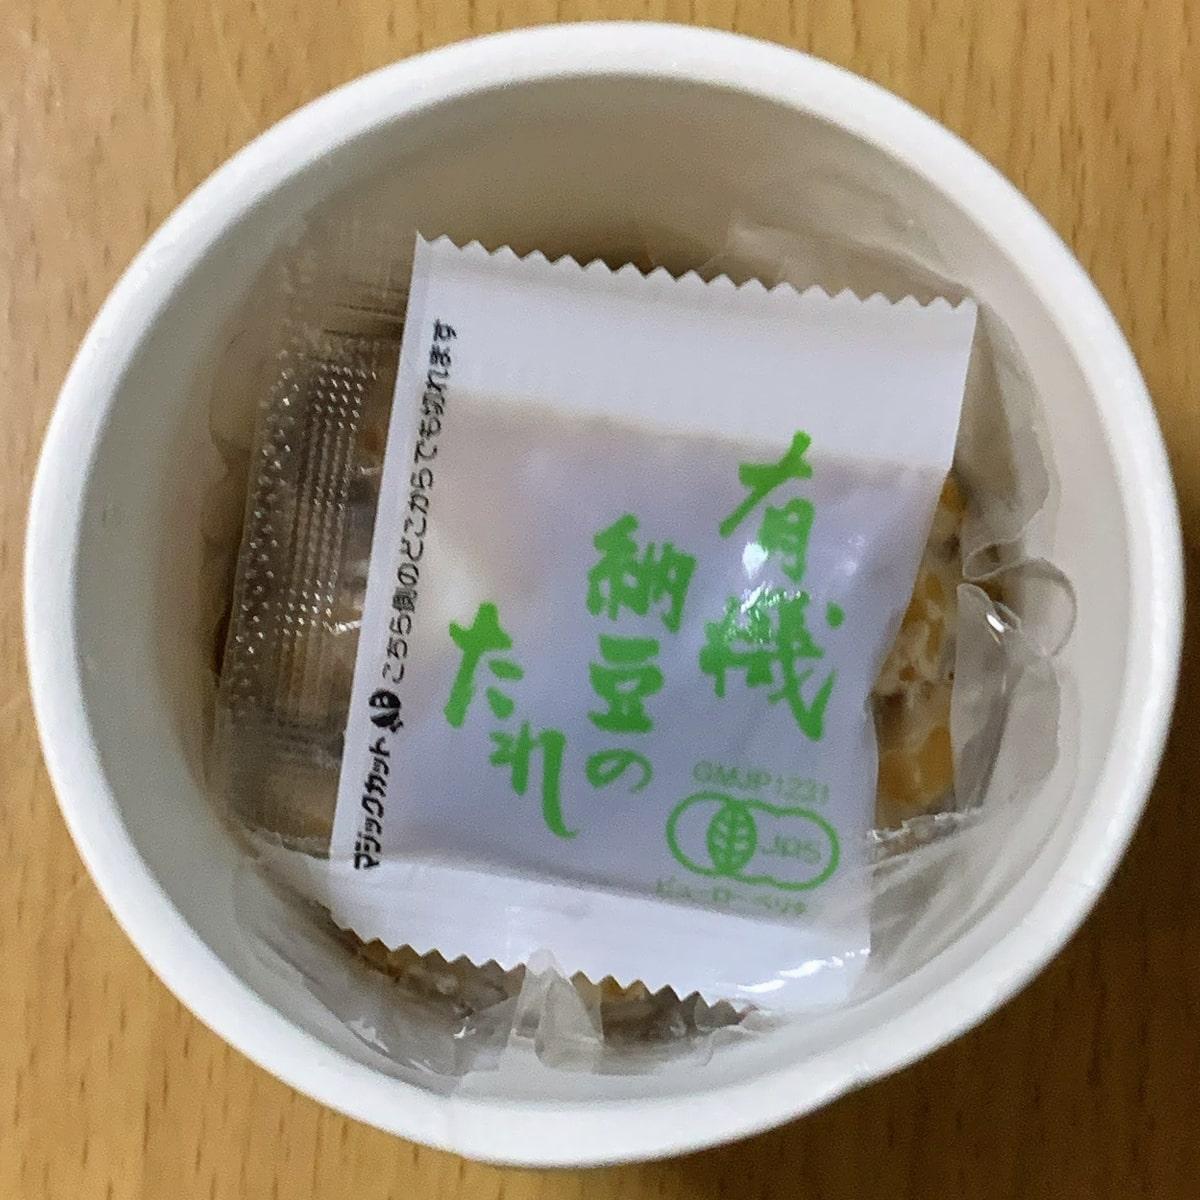 「大江戸せいろ蒸し納豆 3連カップ」のたれの画像